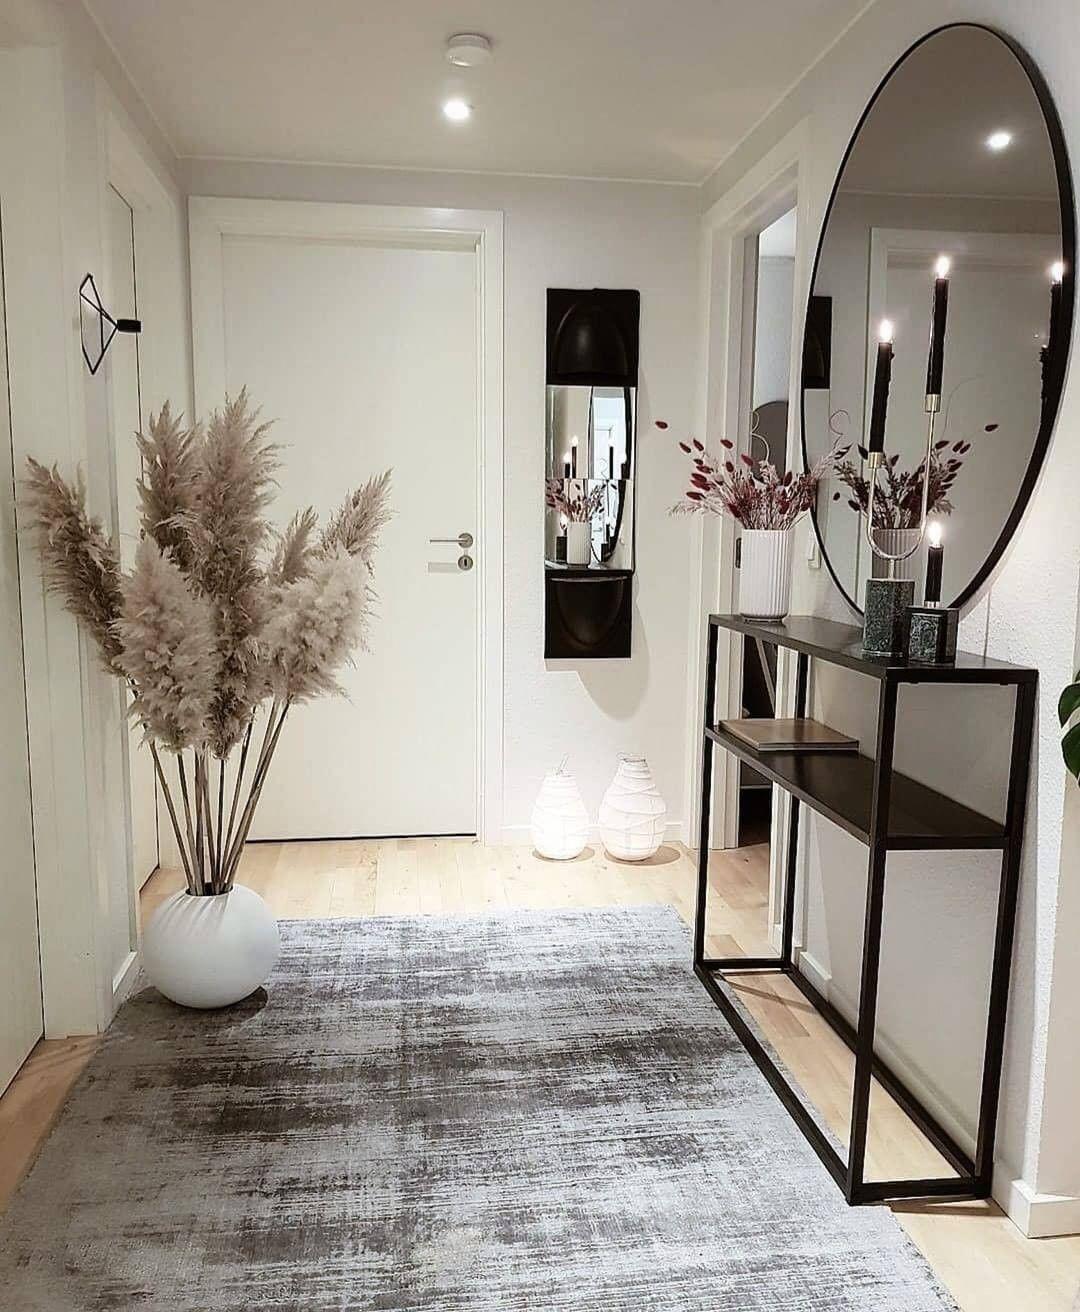 Home Decor Inspiration a partagé une publication sur Instagram ...